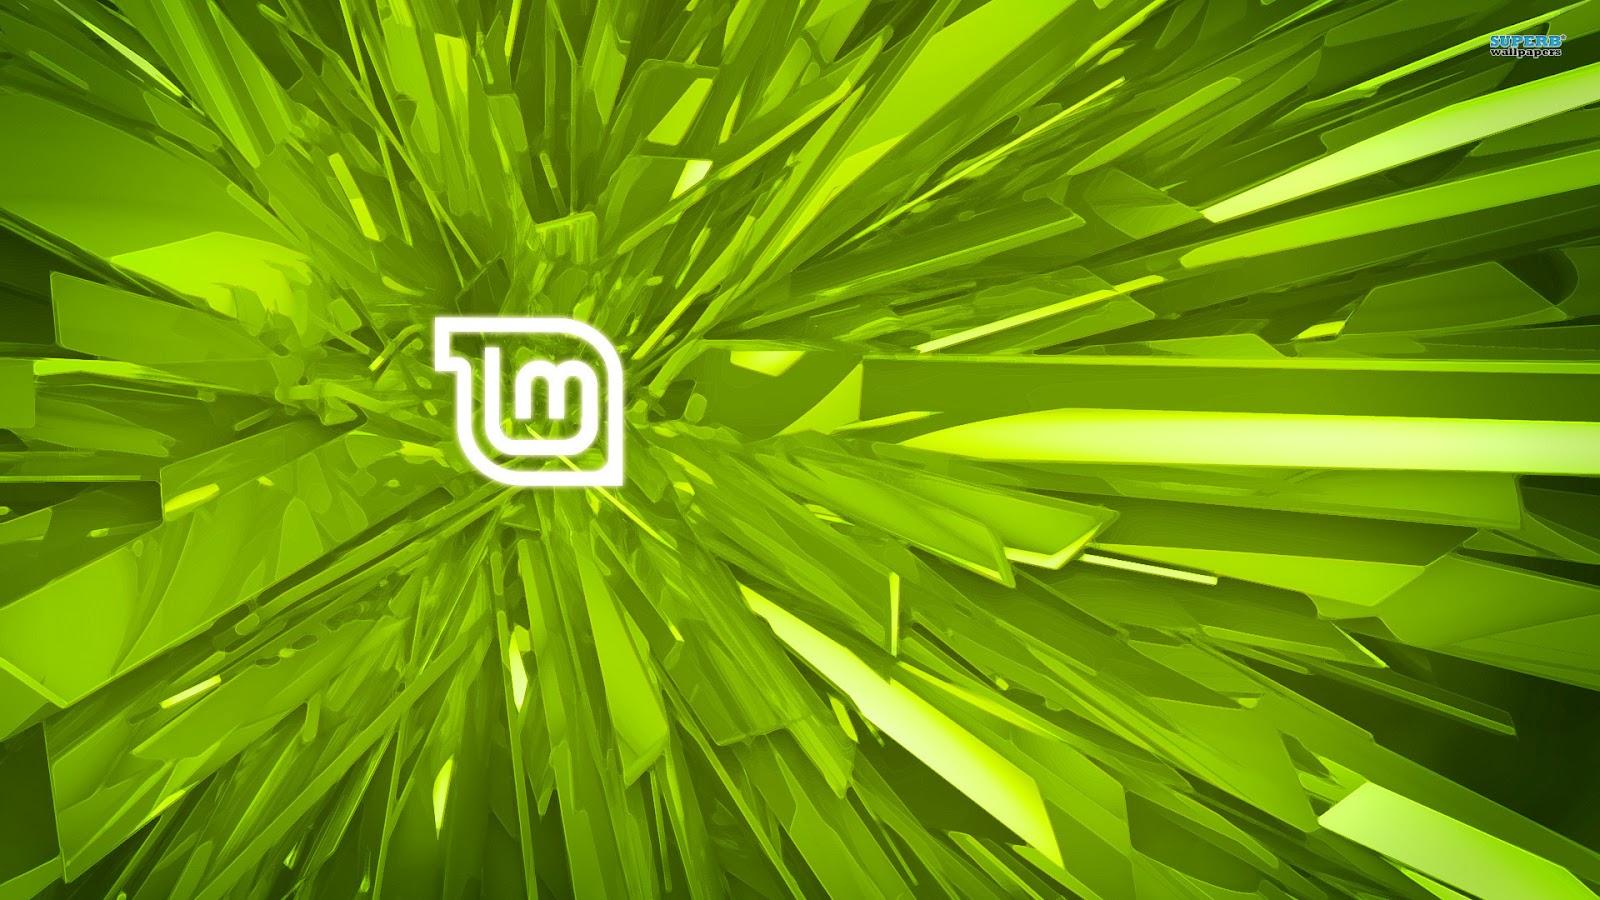 linux mint wallpaper 2 linux mint wallpaper 3 linux mint wallpaper 4 1600x900